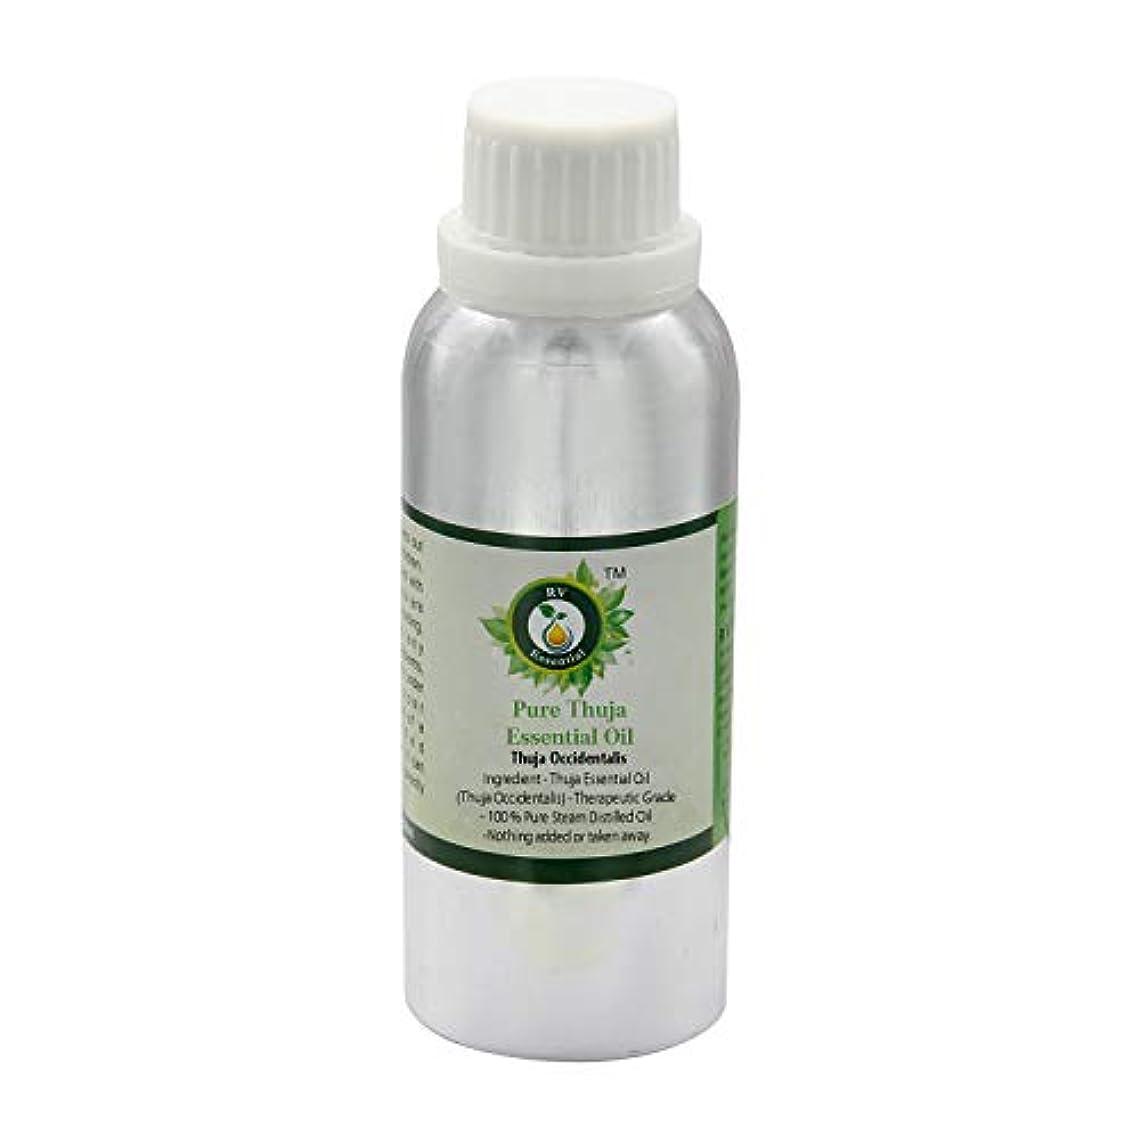 寛大な豆一般的にピュアThujaエッセンシャルオイル300ml (10oz)- Thuja Occidentalis (100%純粋&天然スチームDistilled) Pure Thuja Essential Oil